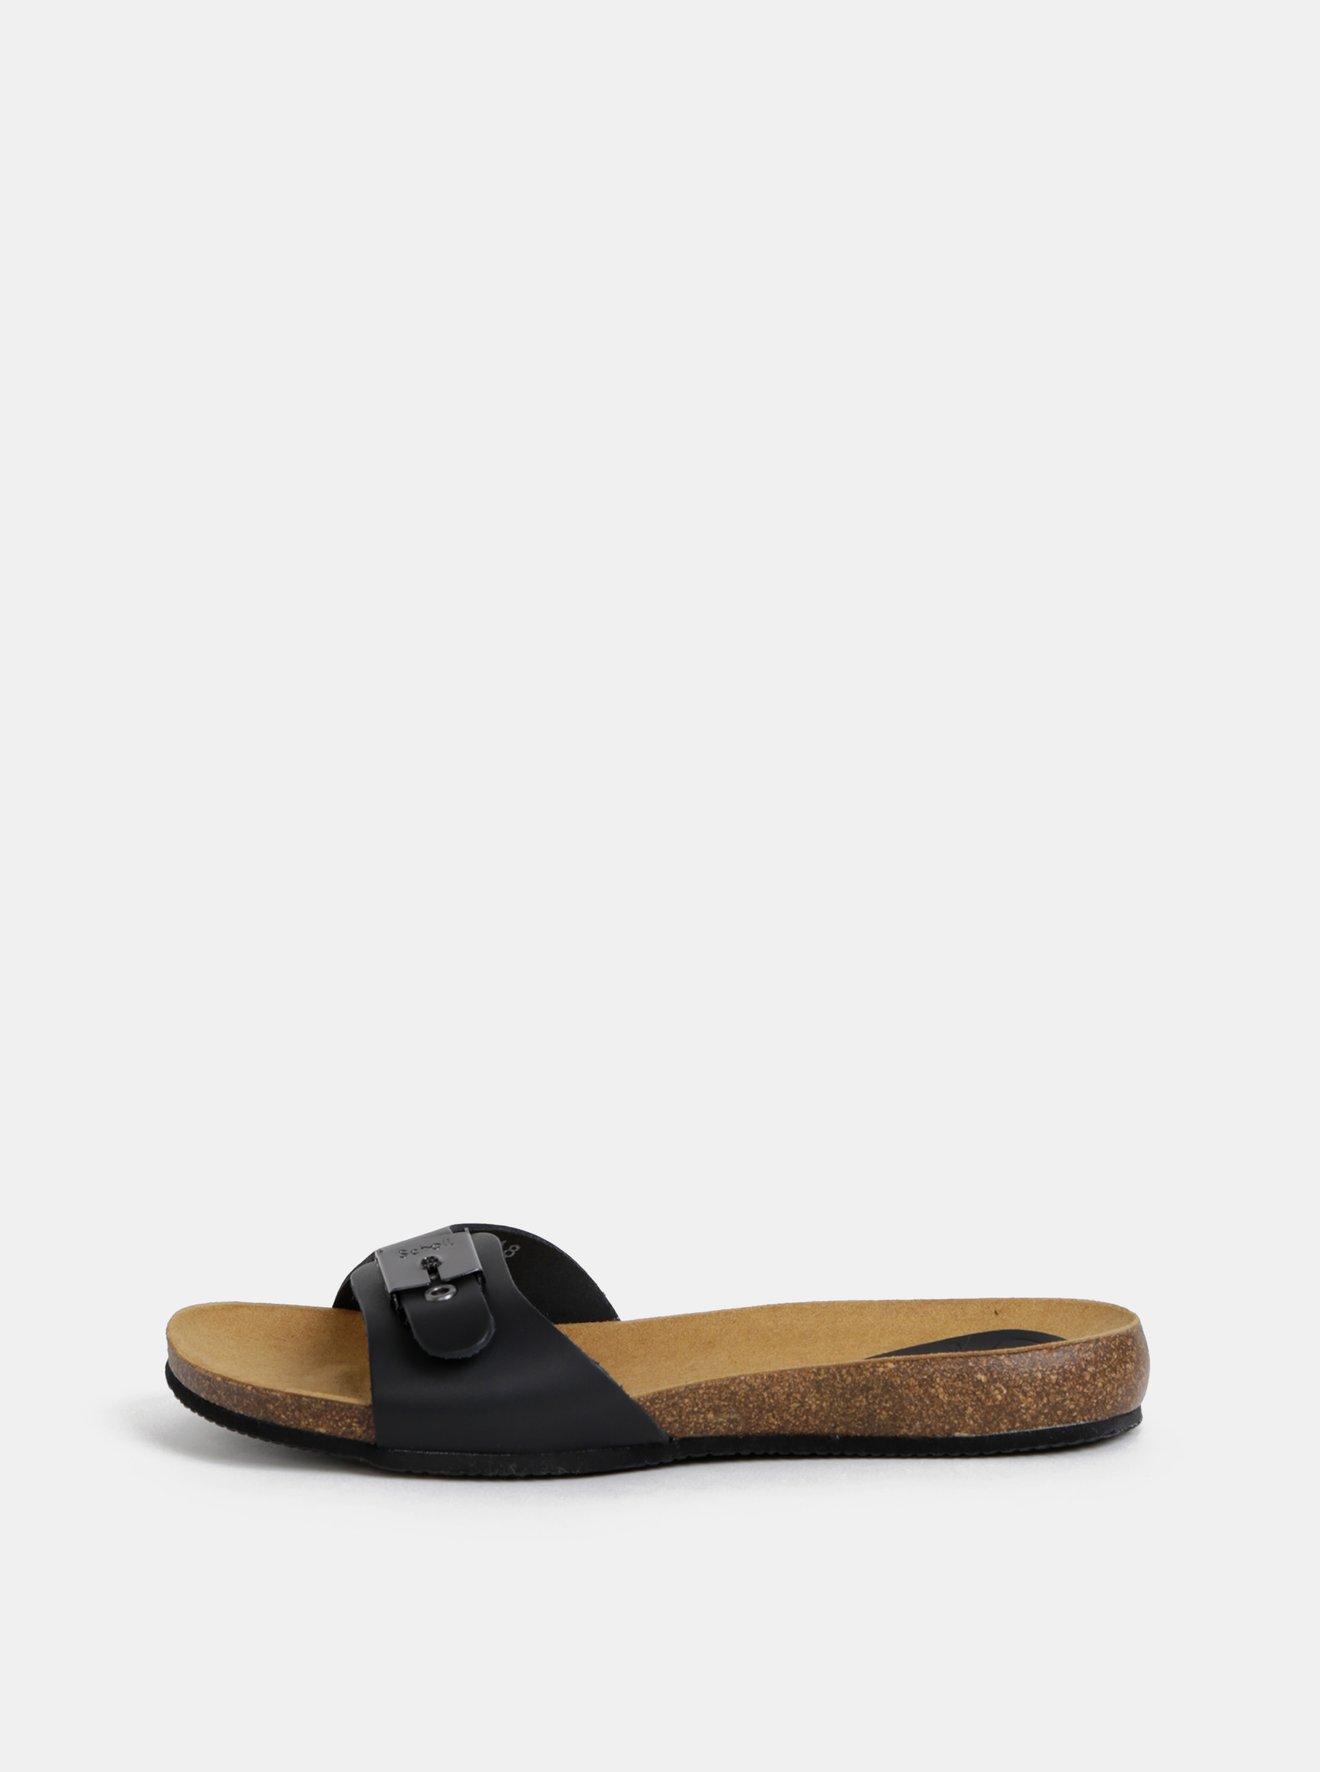 Černé dámské kožené pantofle Scholl Bahama